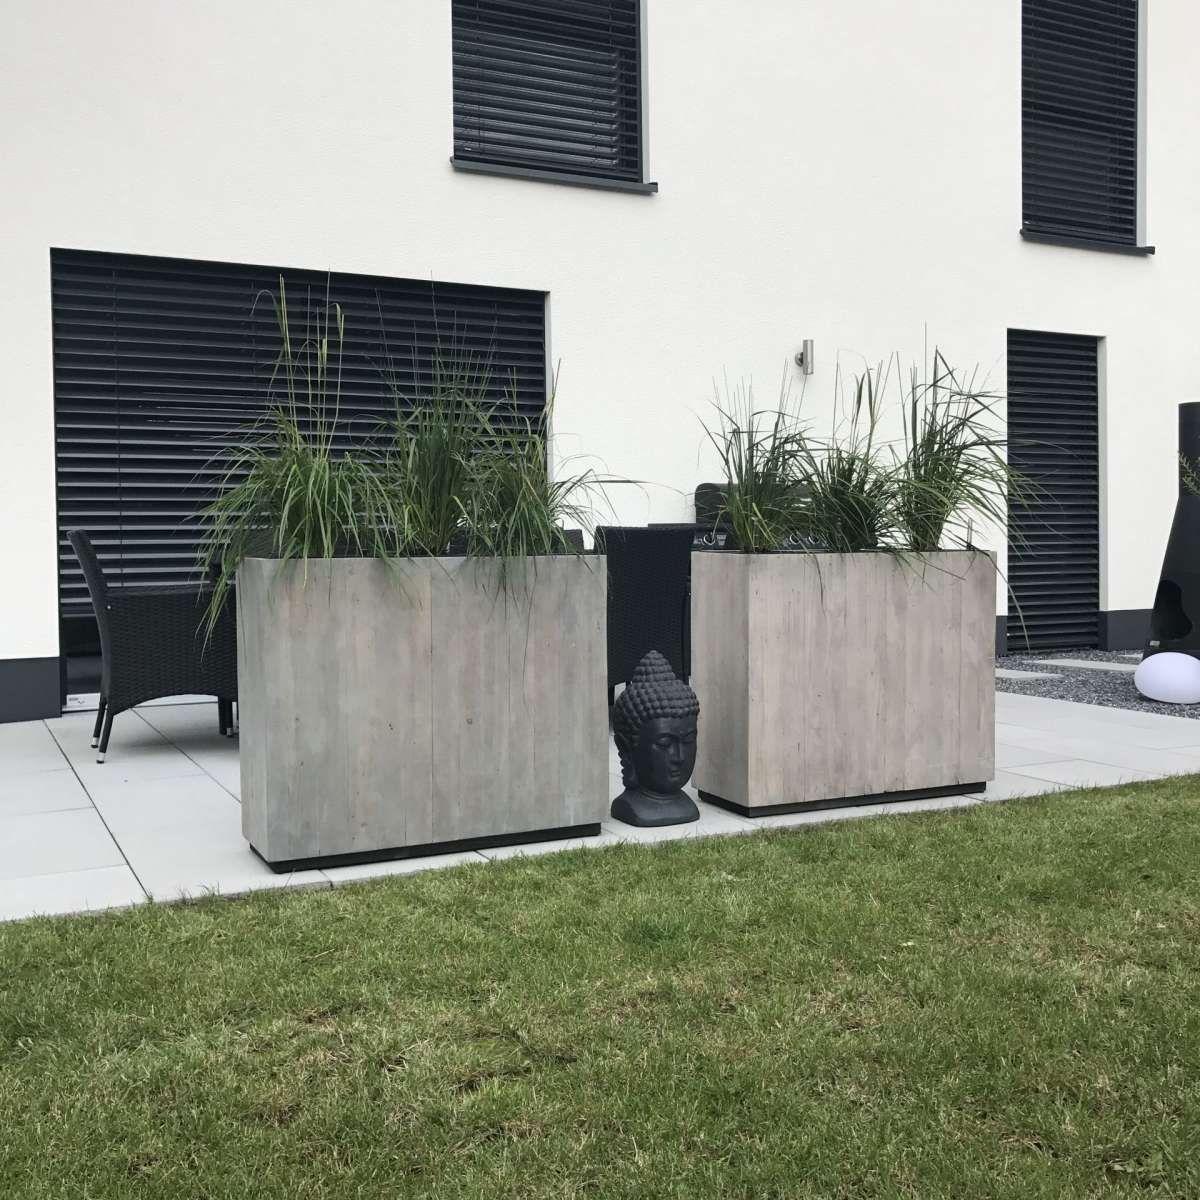 Pflanzkubel Raumteiler Zink Elemento Anthrazit In 2020 Garden Boxes Diy Planters Herb Garden Design